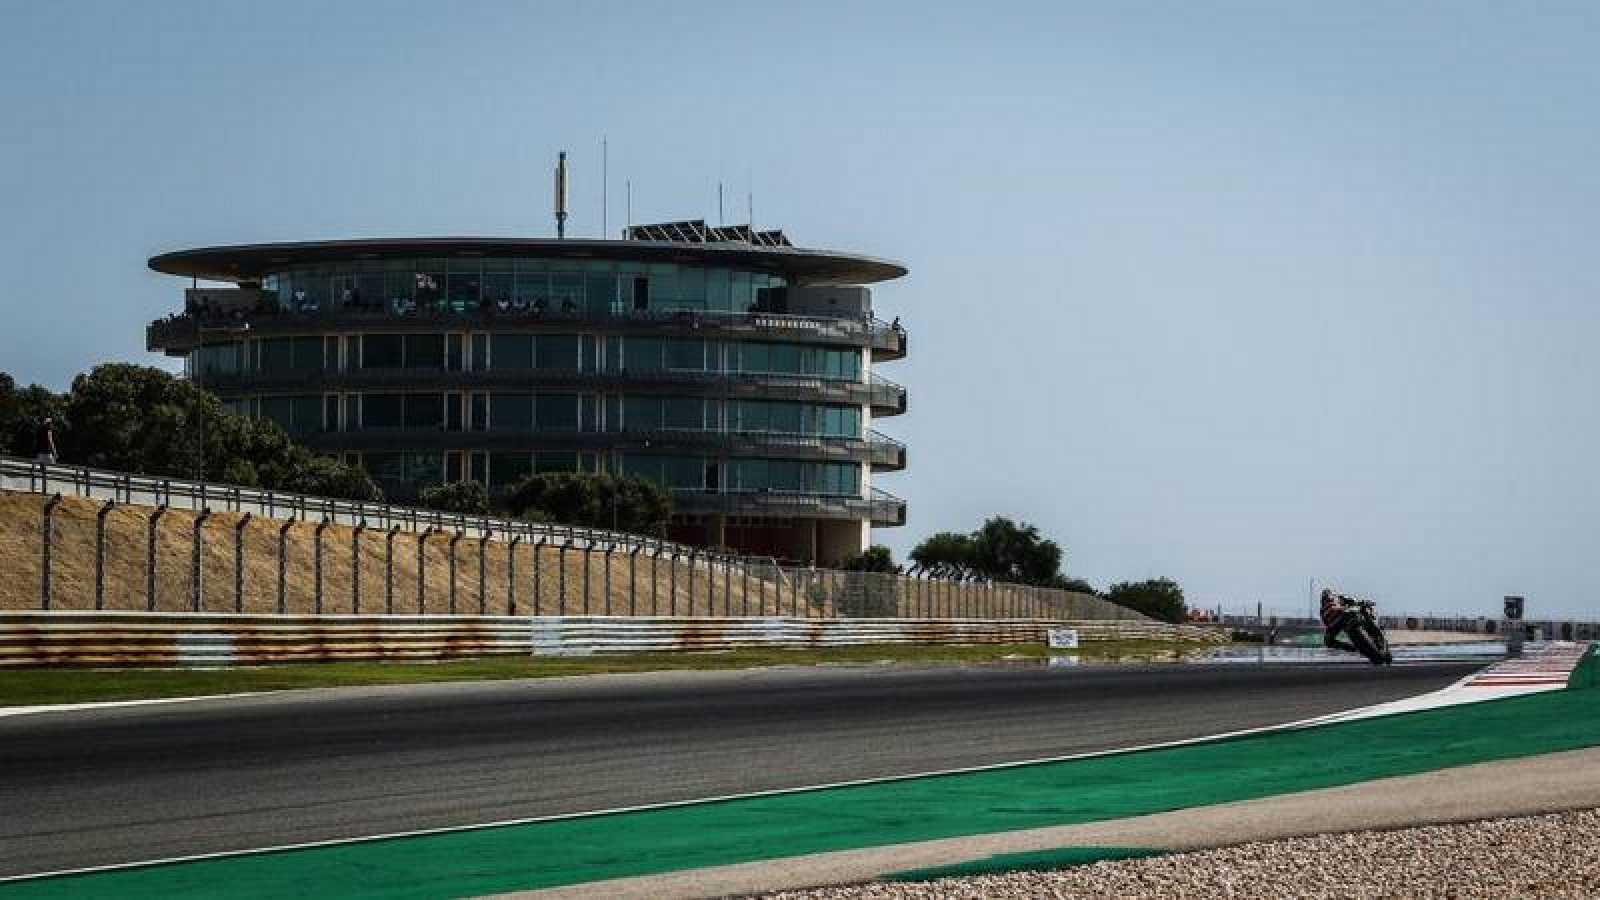 Imagen del circuito de Portimao, Autódromo Internacional del Algarve.